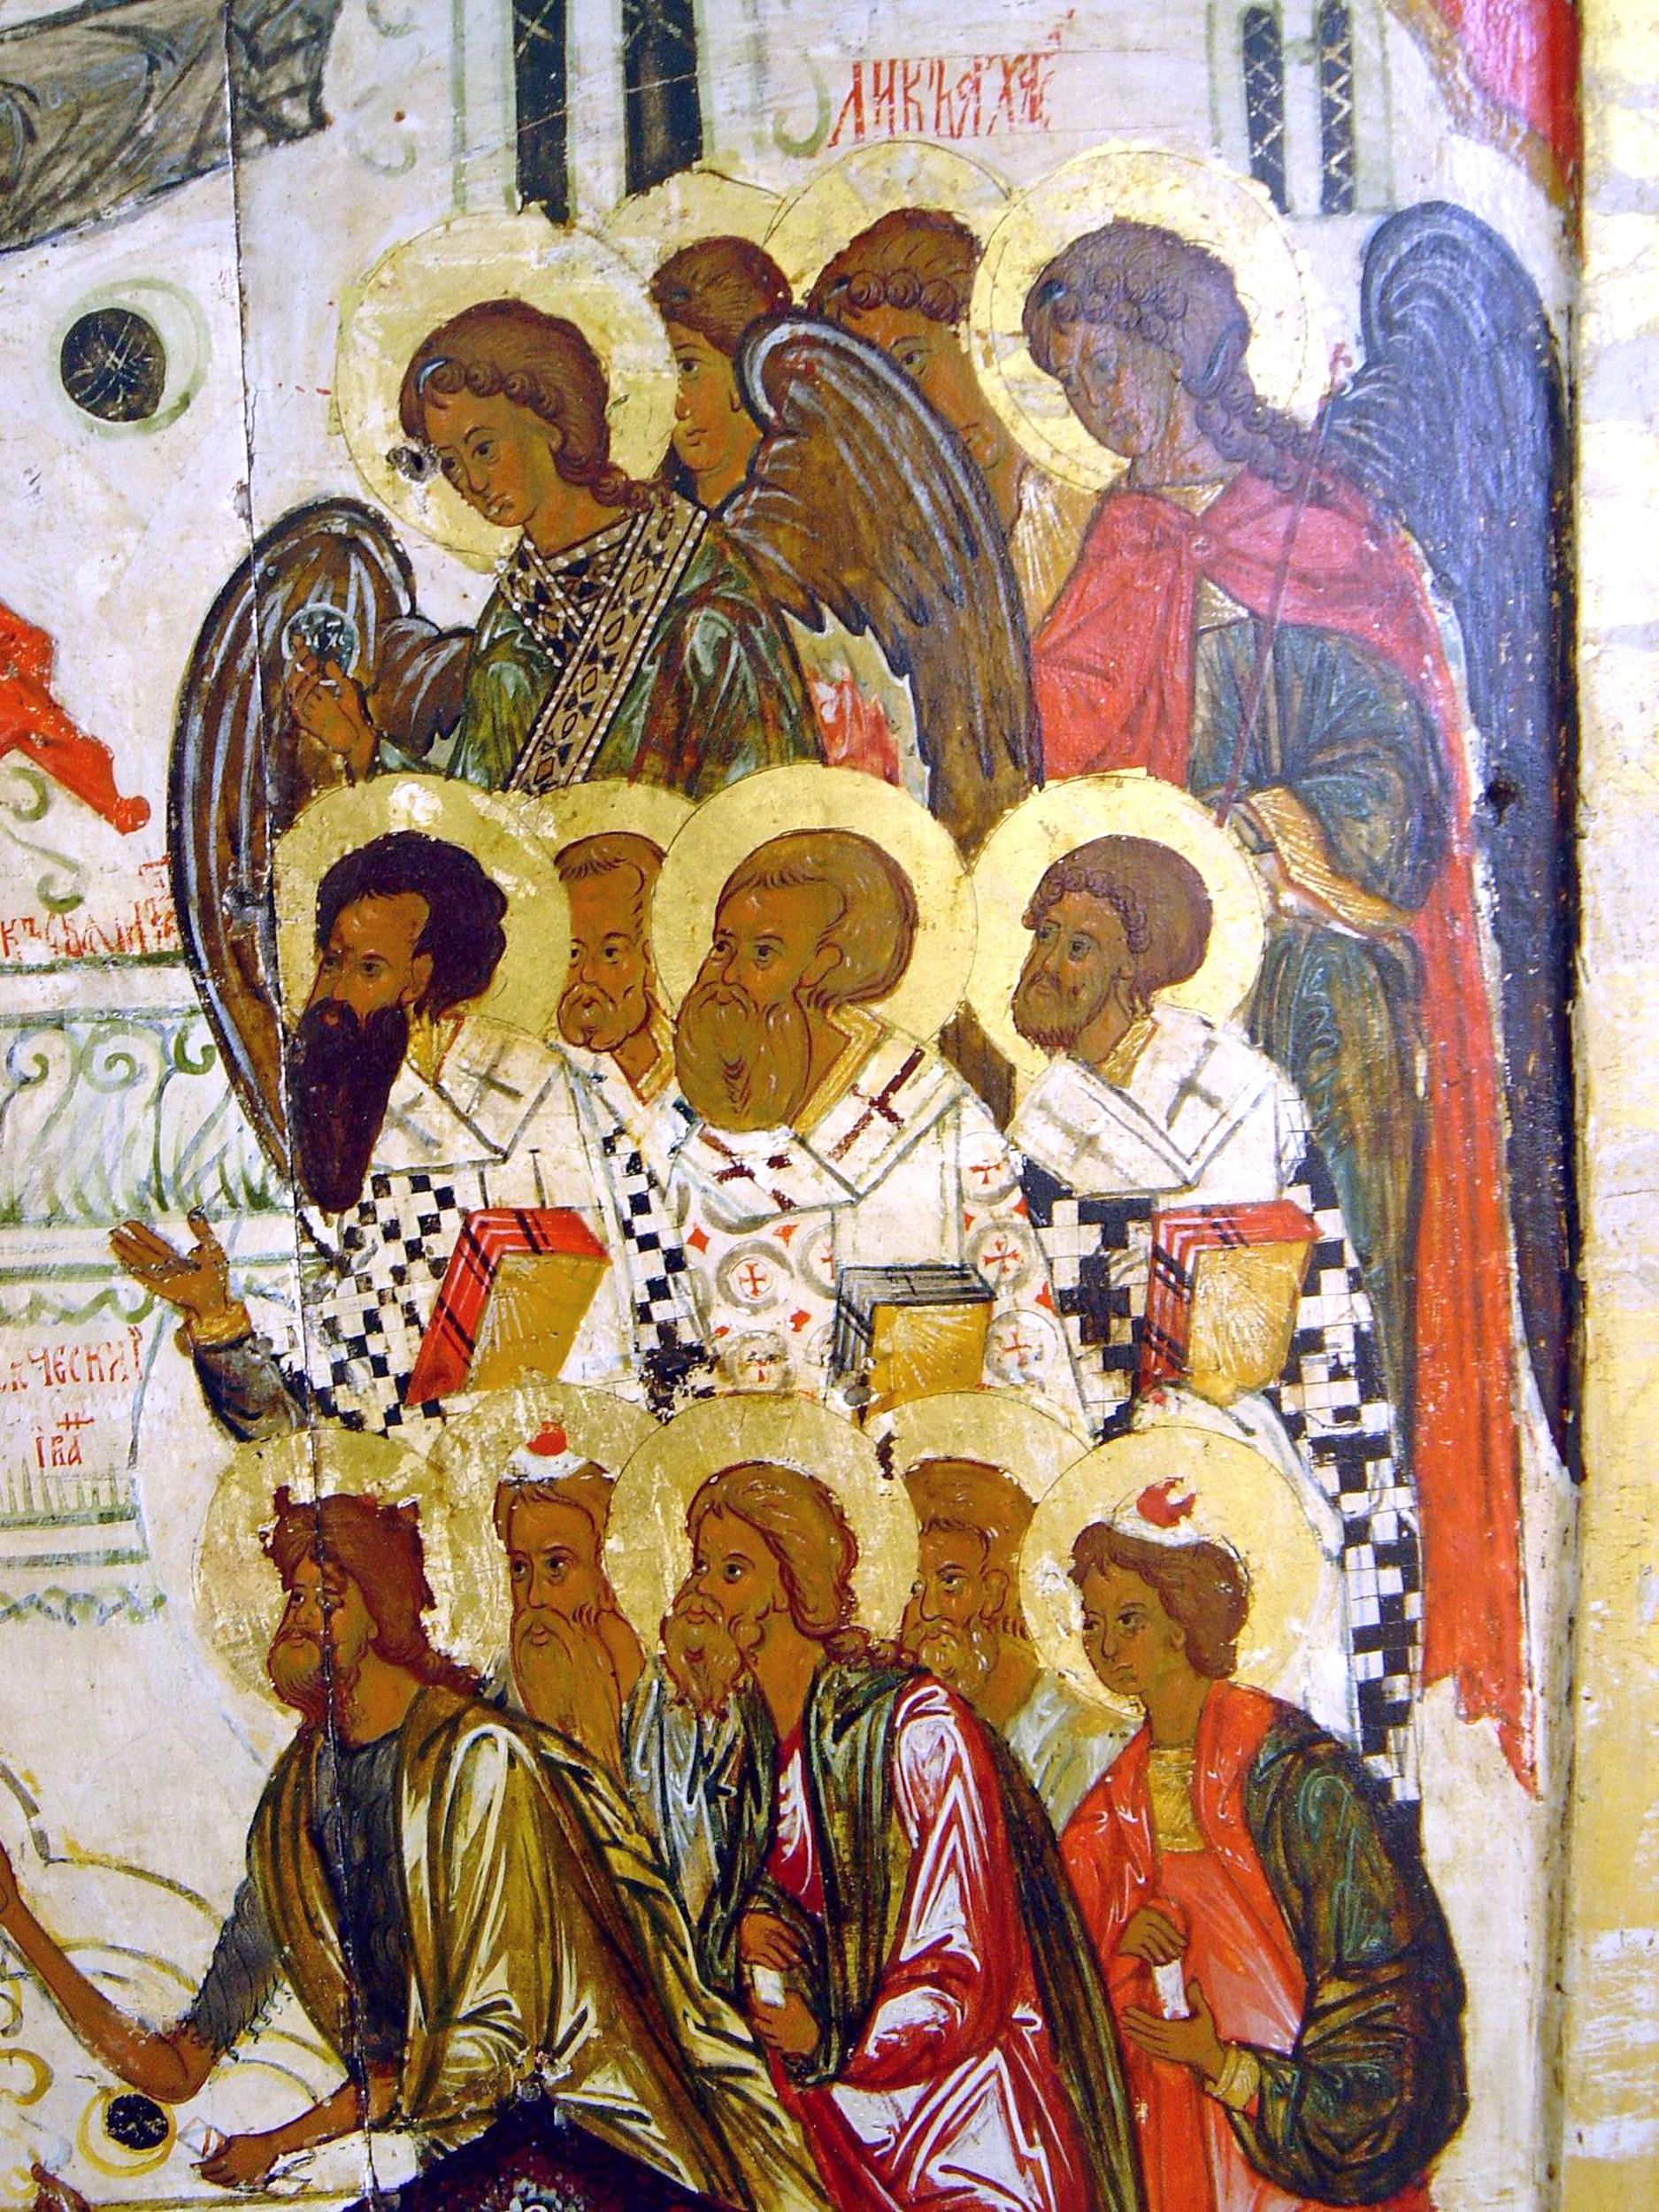 Покров Пресвятой Богородицы. Икона XVI века. Фрагмент. Лики Архангелов, Святителей и Пророков.